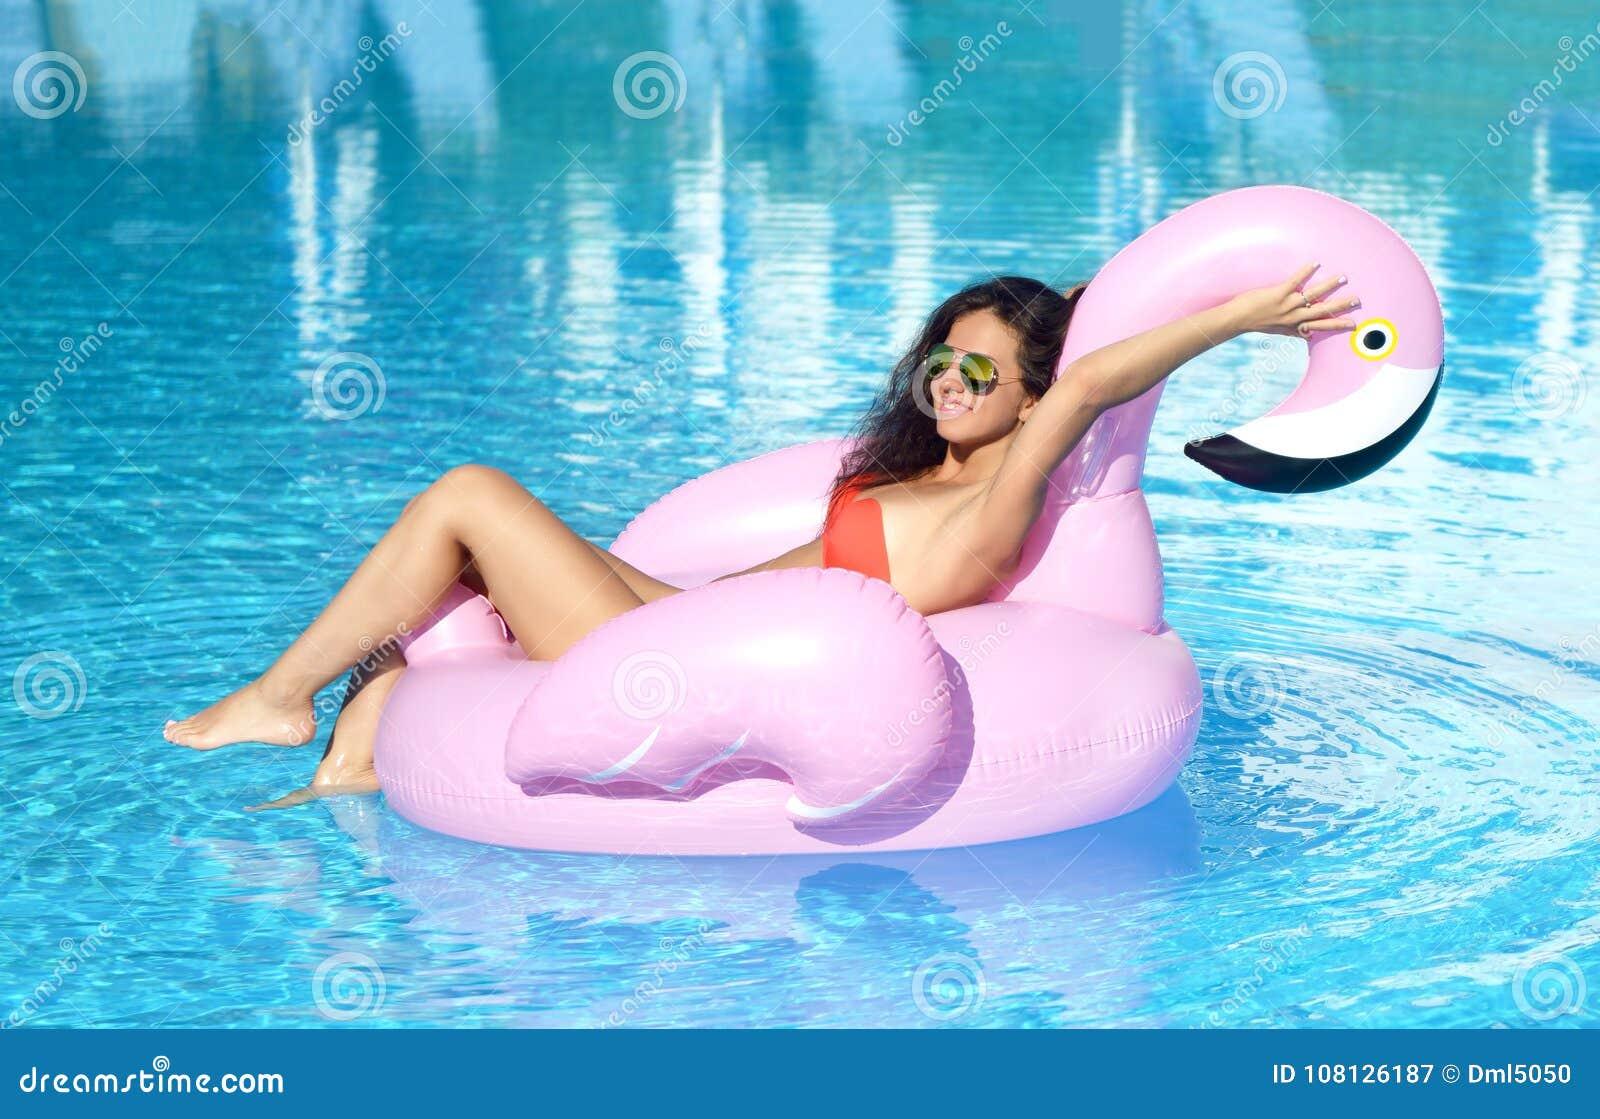 Mujer en un ocio de la piscina en un colchón rosado gigante inflable gigante del flotador del flamenco en bikini rojo